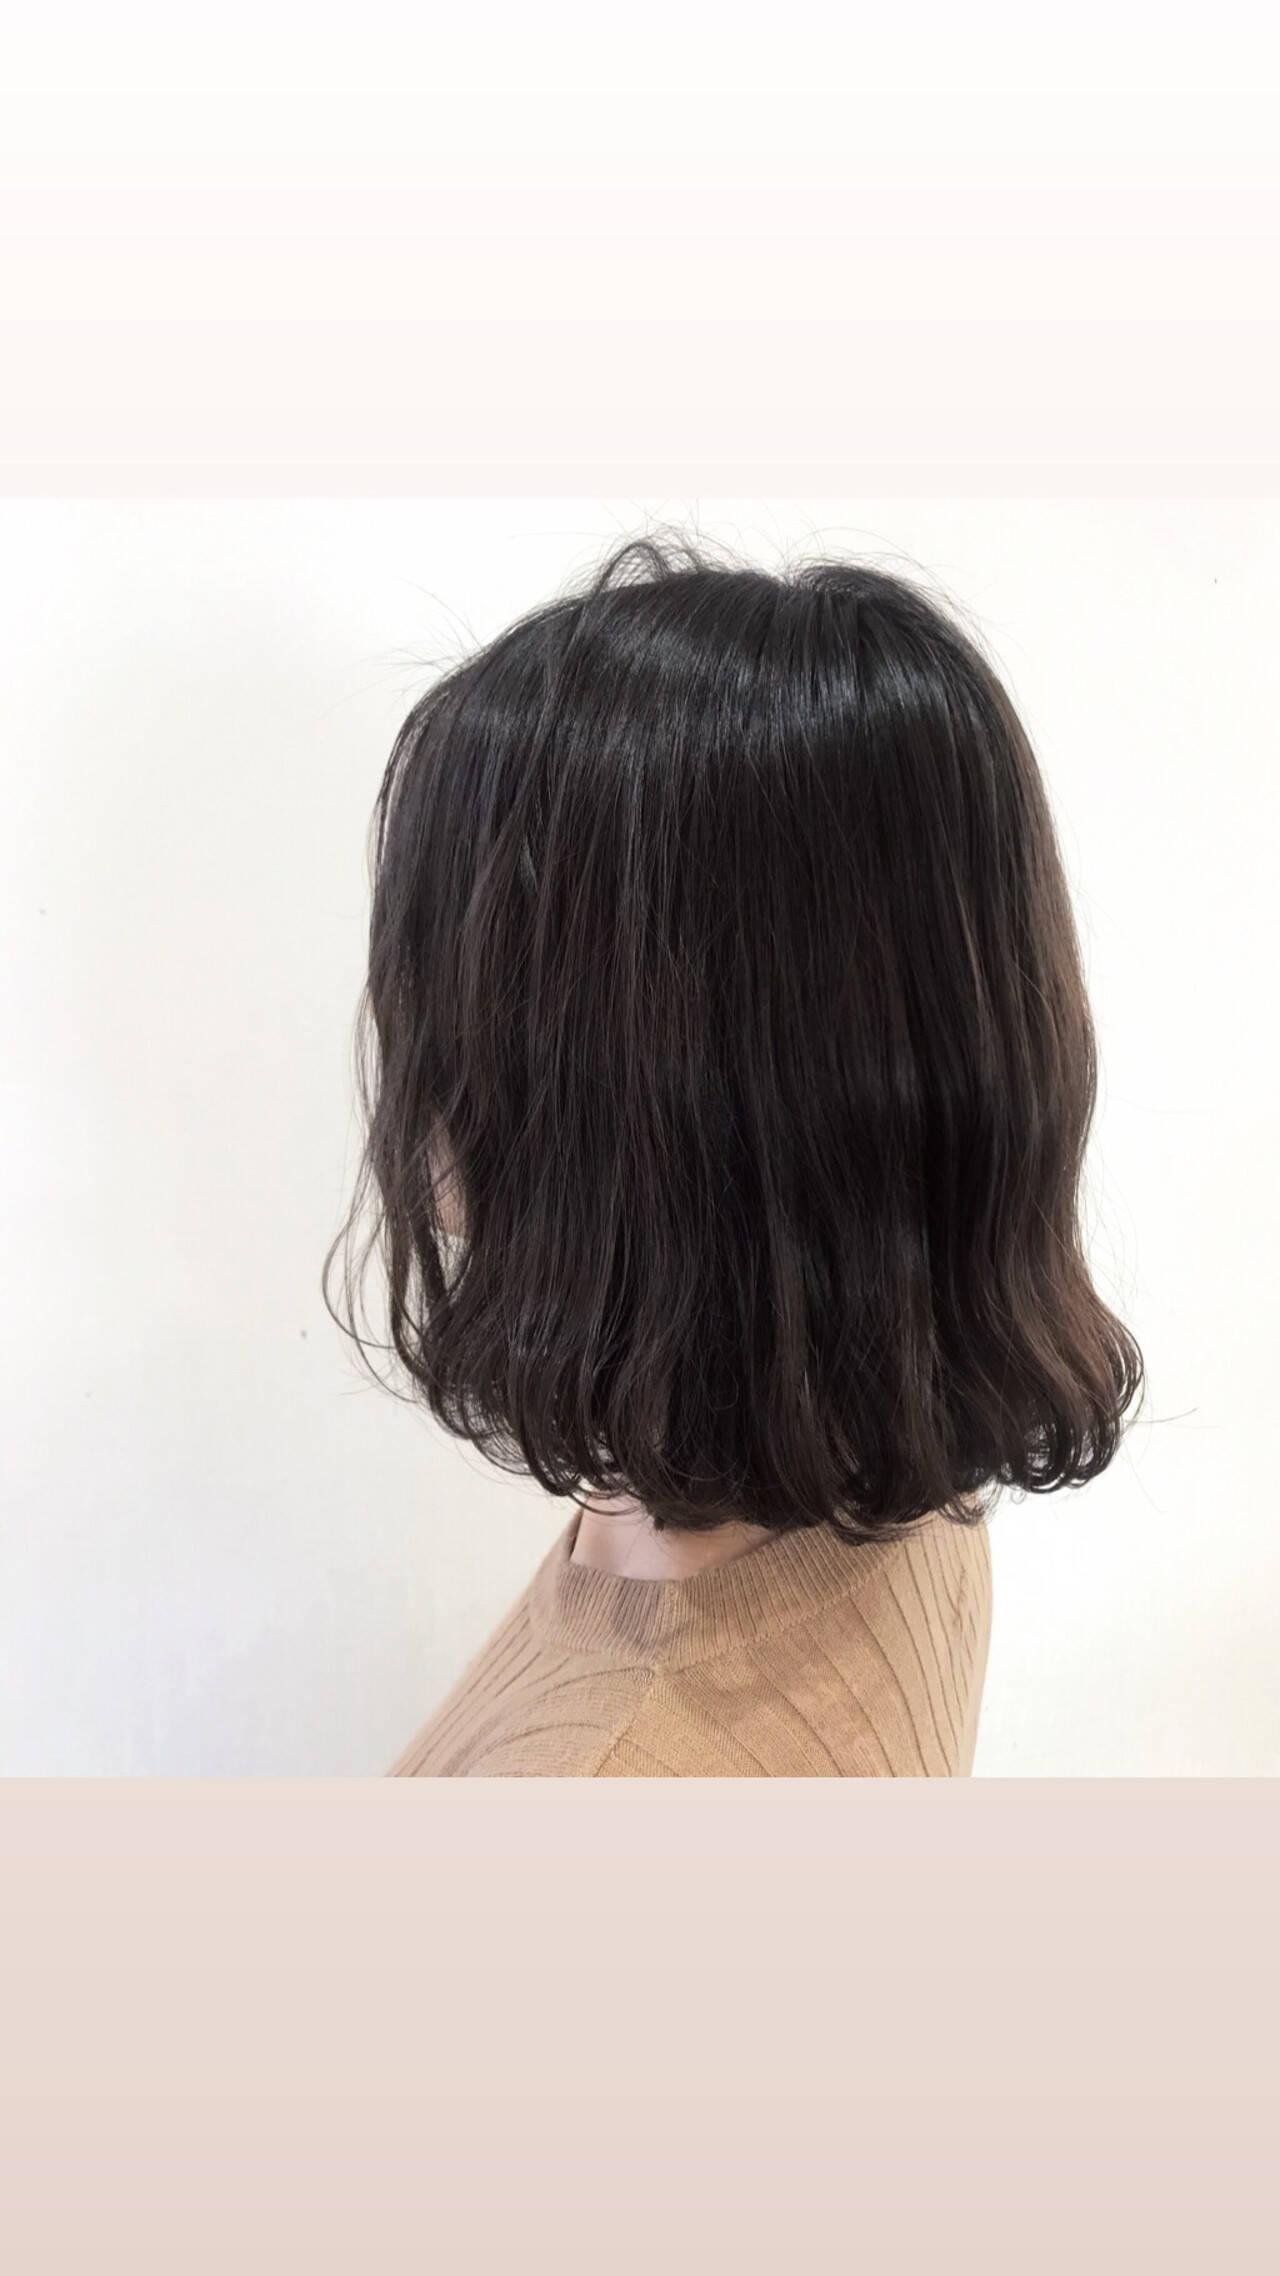 まとまるボブ ミディアム 波ウェーブ 波巻きヘアスタイルや髪型の写真・画像